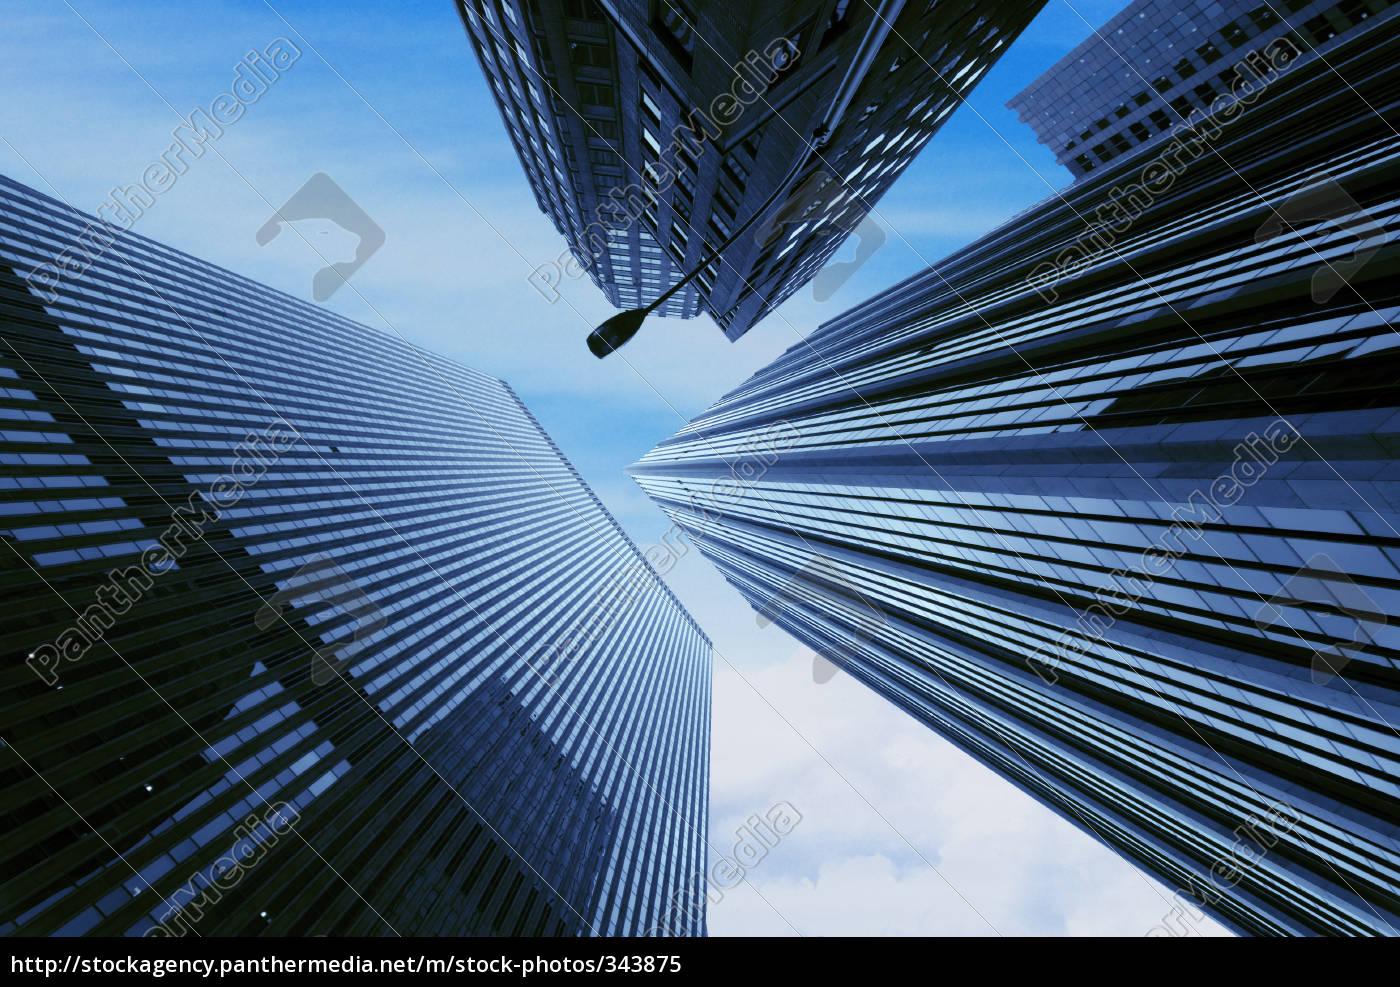 skyscraper - 343875